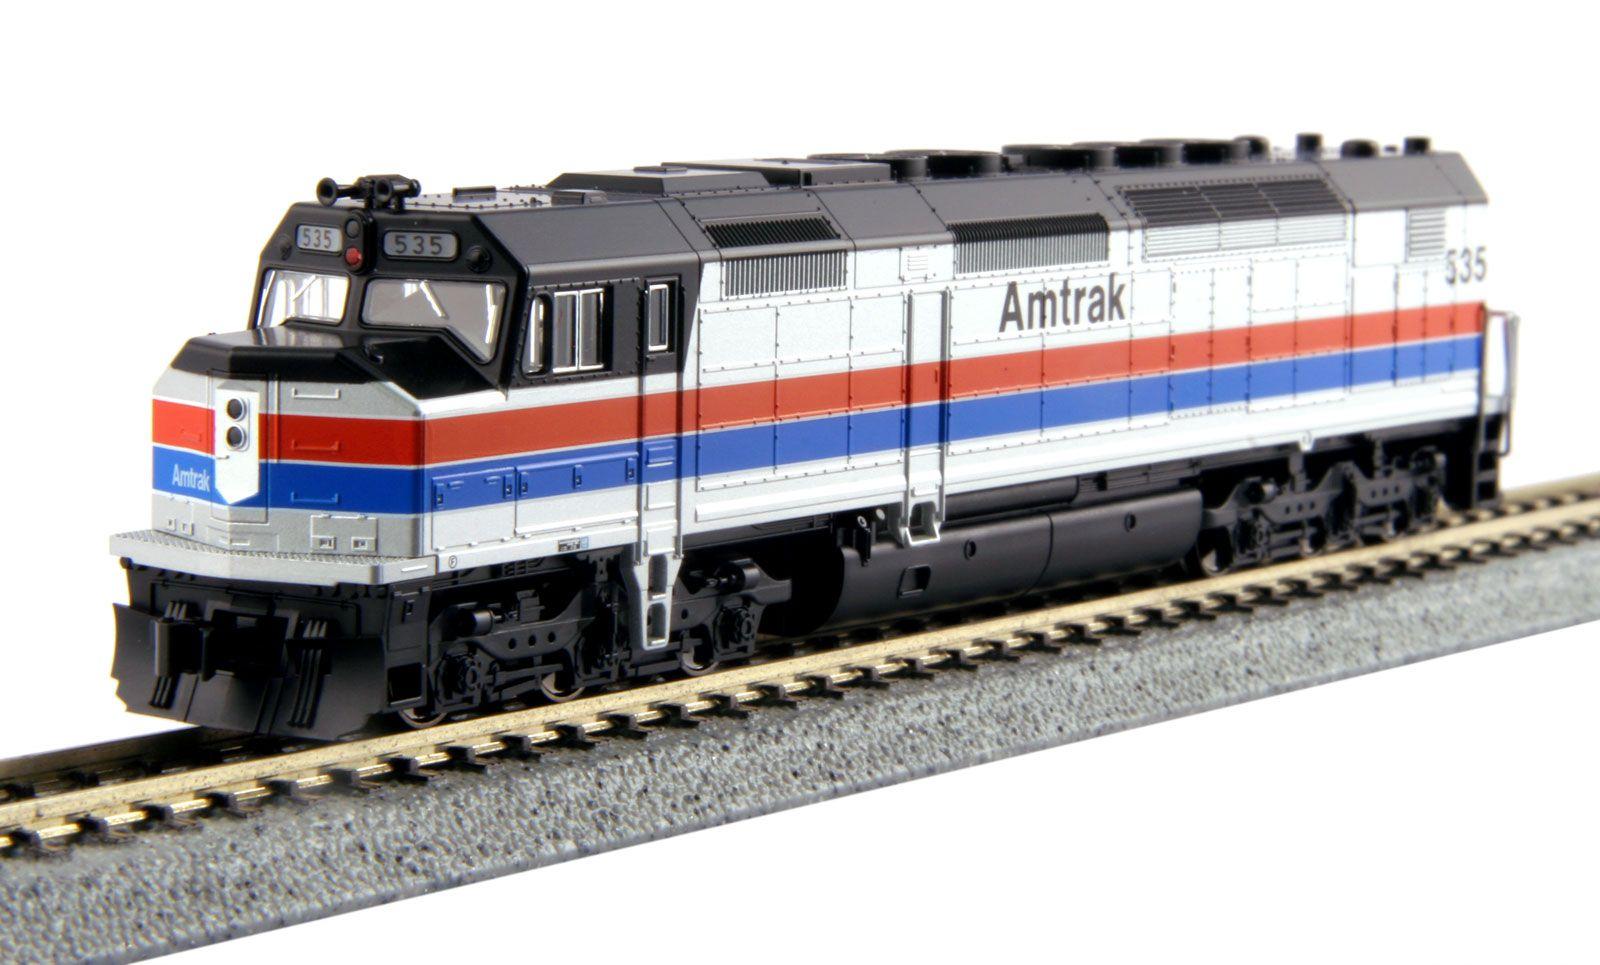 Kato 176-9204 N Amtrak EMD SDP40F Type I Phase II Paint #535